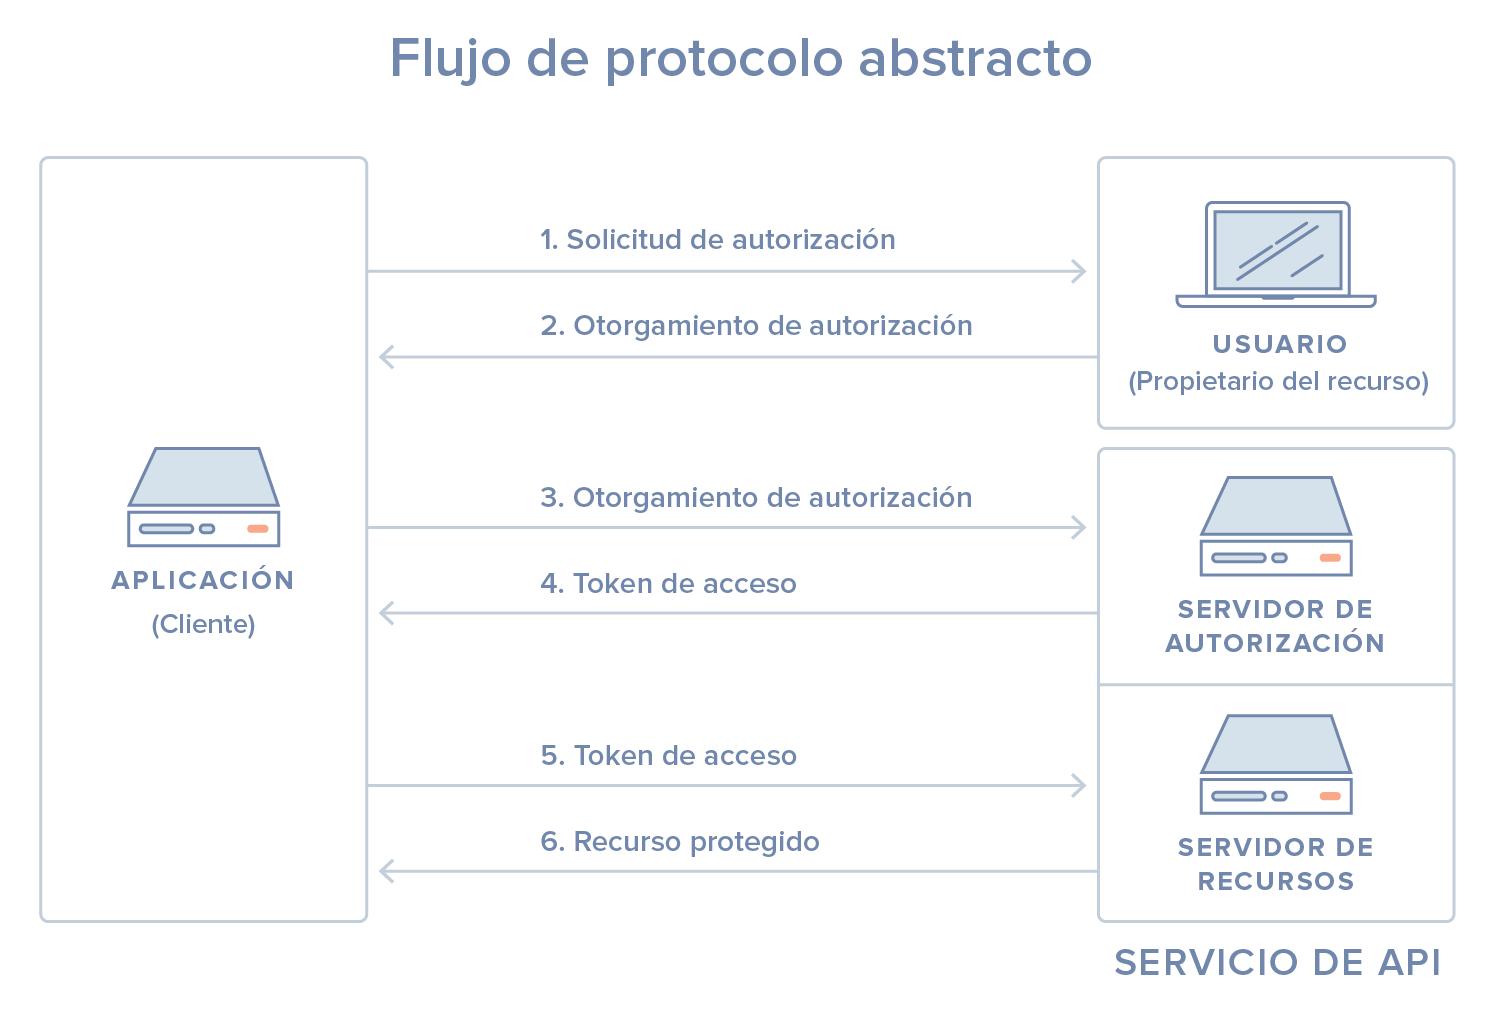 Flujo de protocolo abstracto